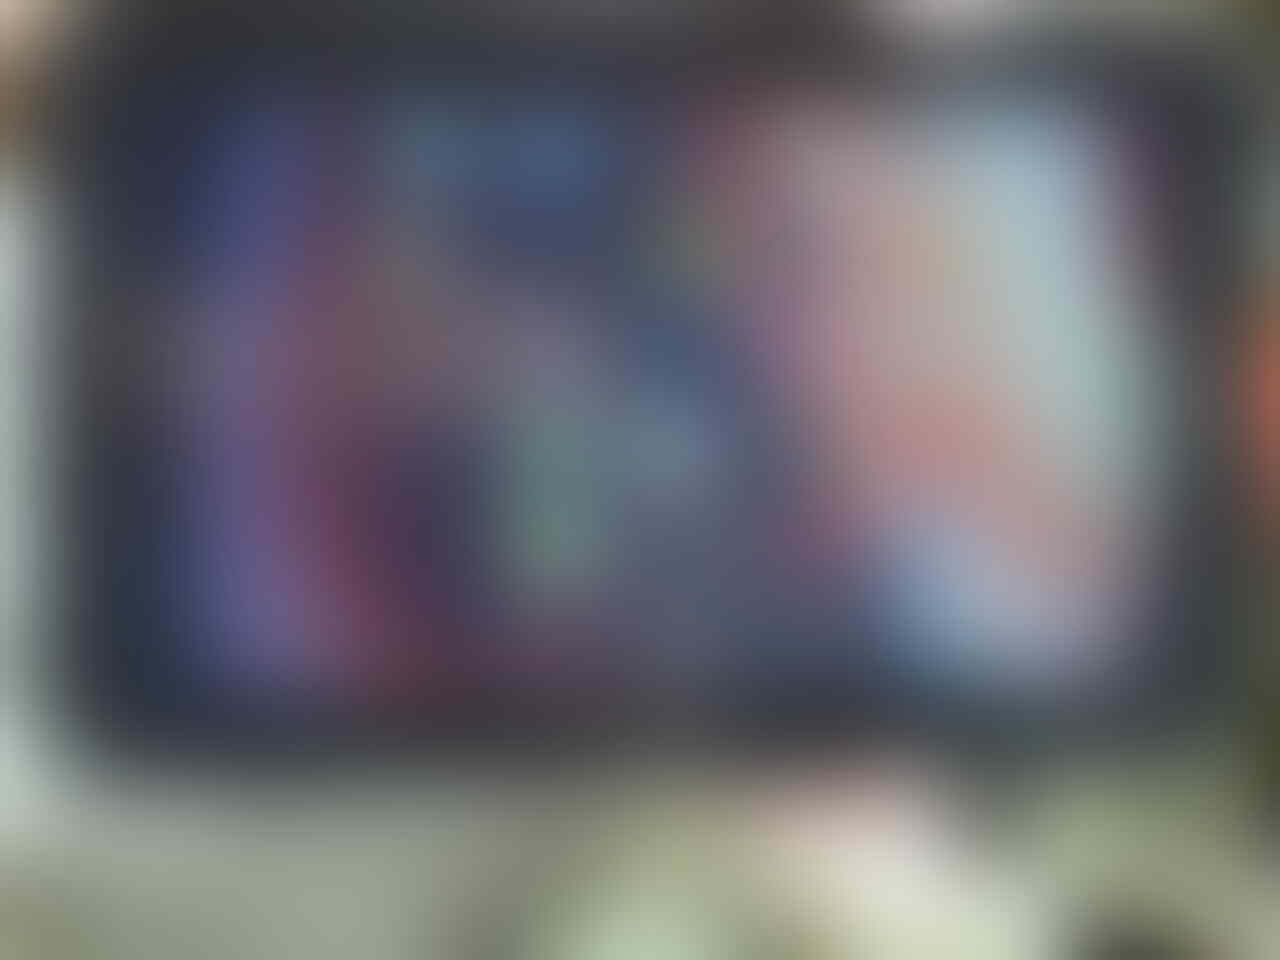 SAMSUNG GALAXY TAB P1000 ICS BBMAN LANCAR BU